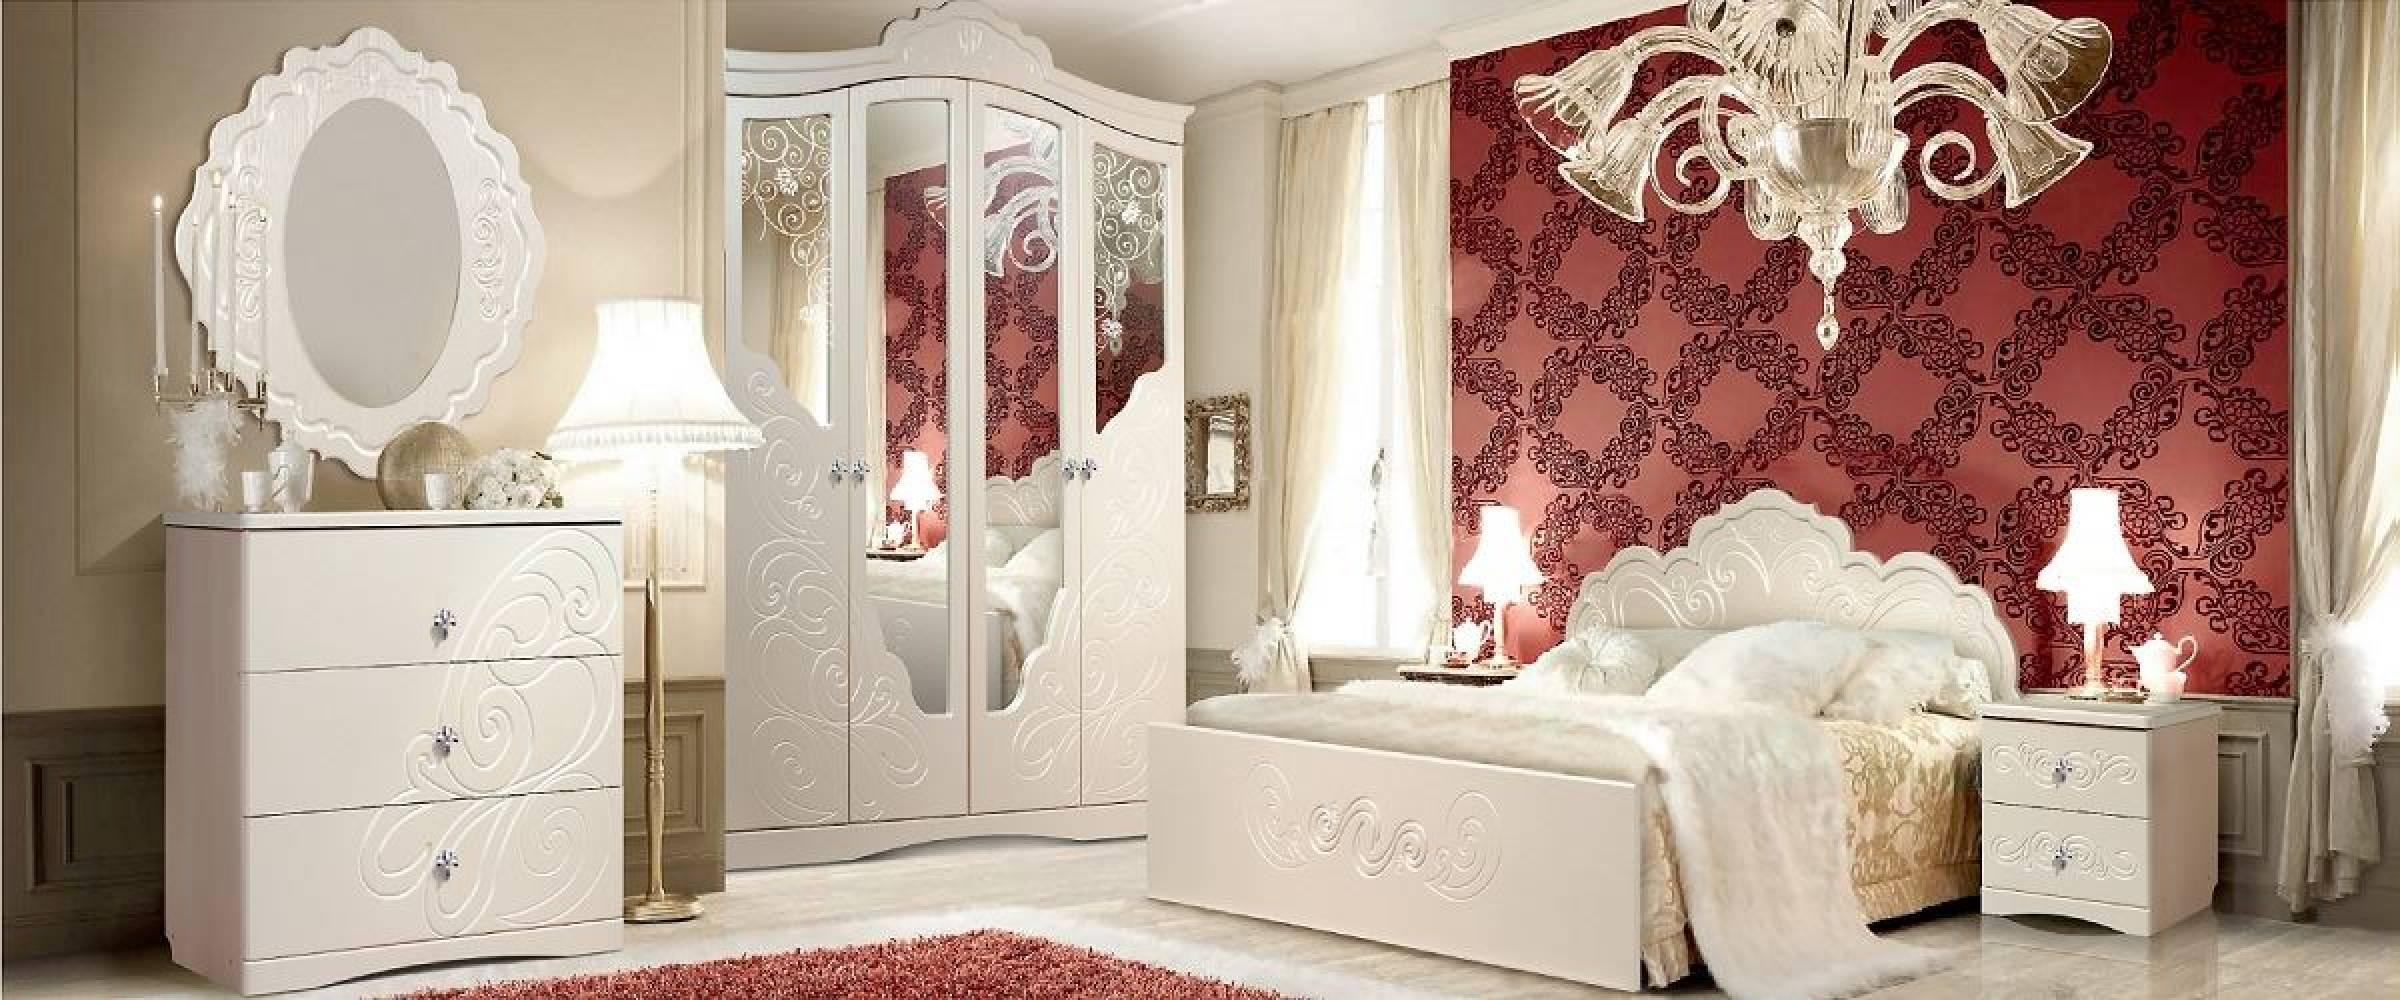 Спальня Жемчужина КМК 0380. Комплект 1